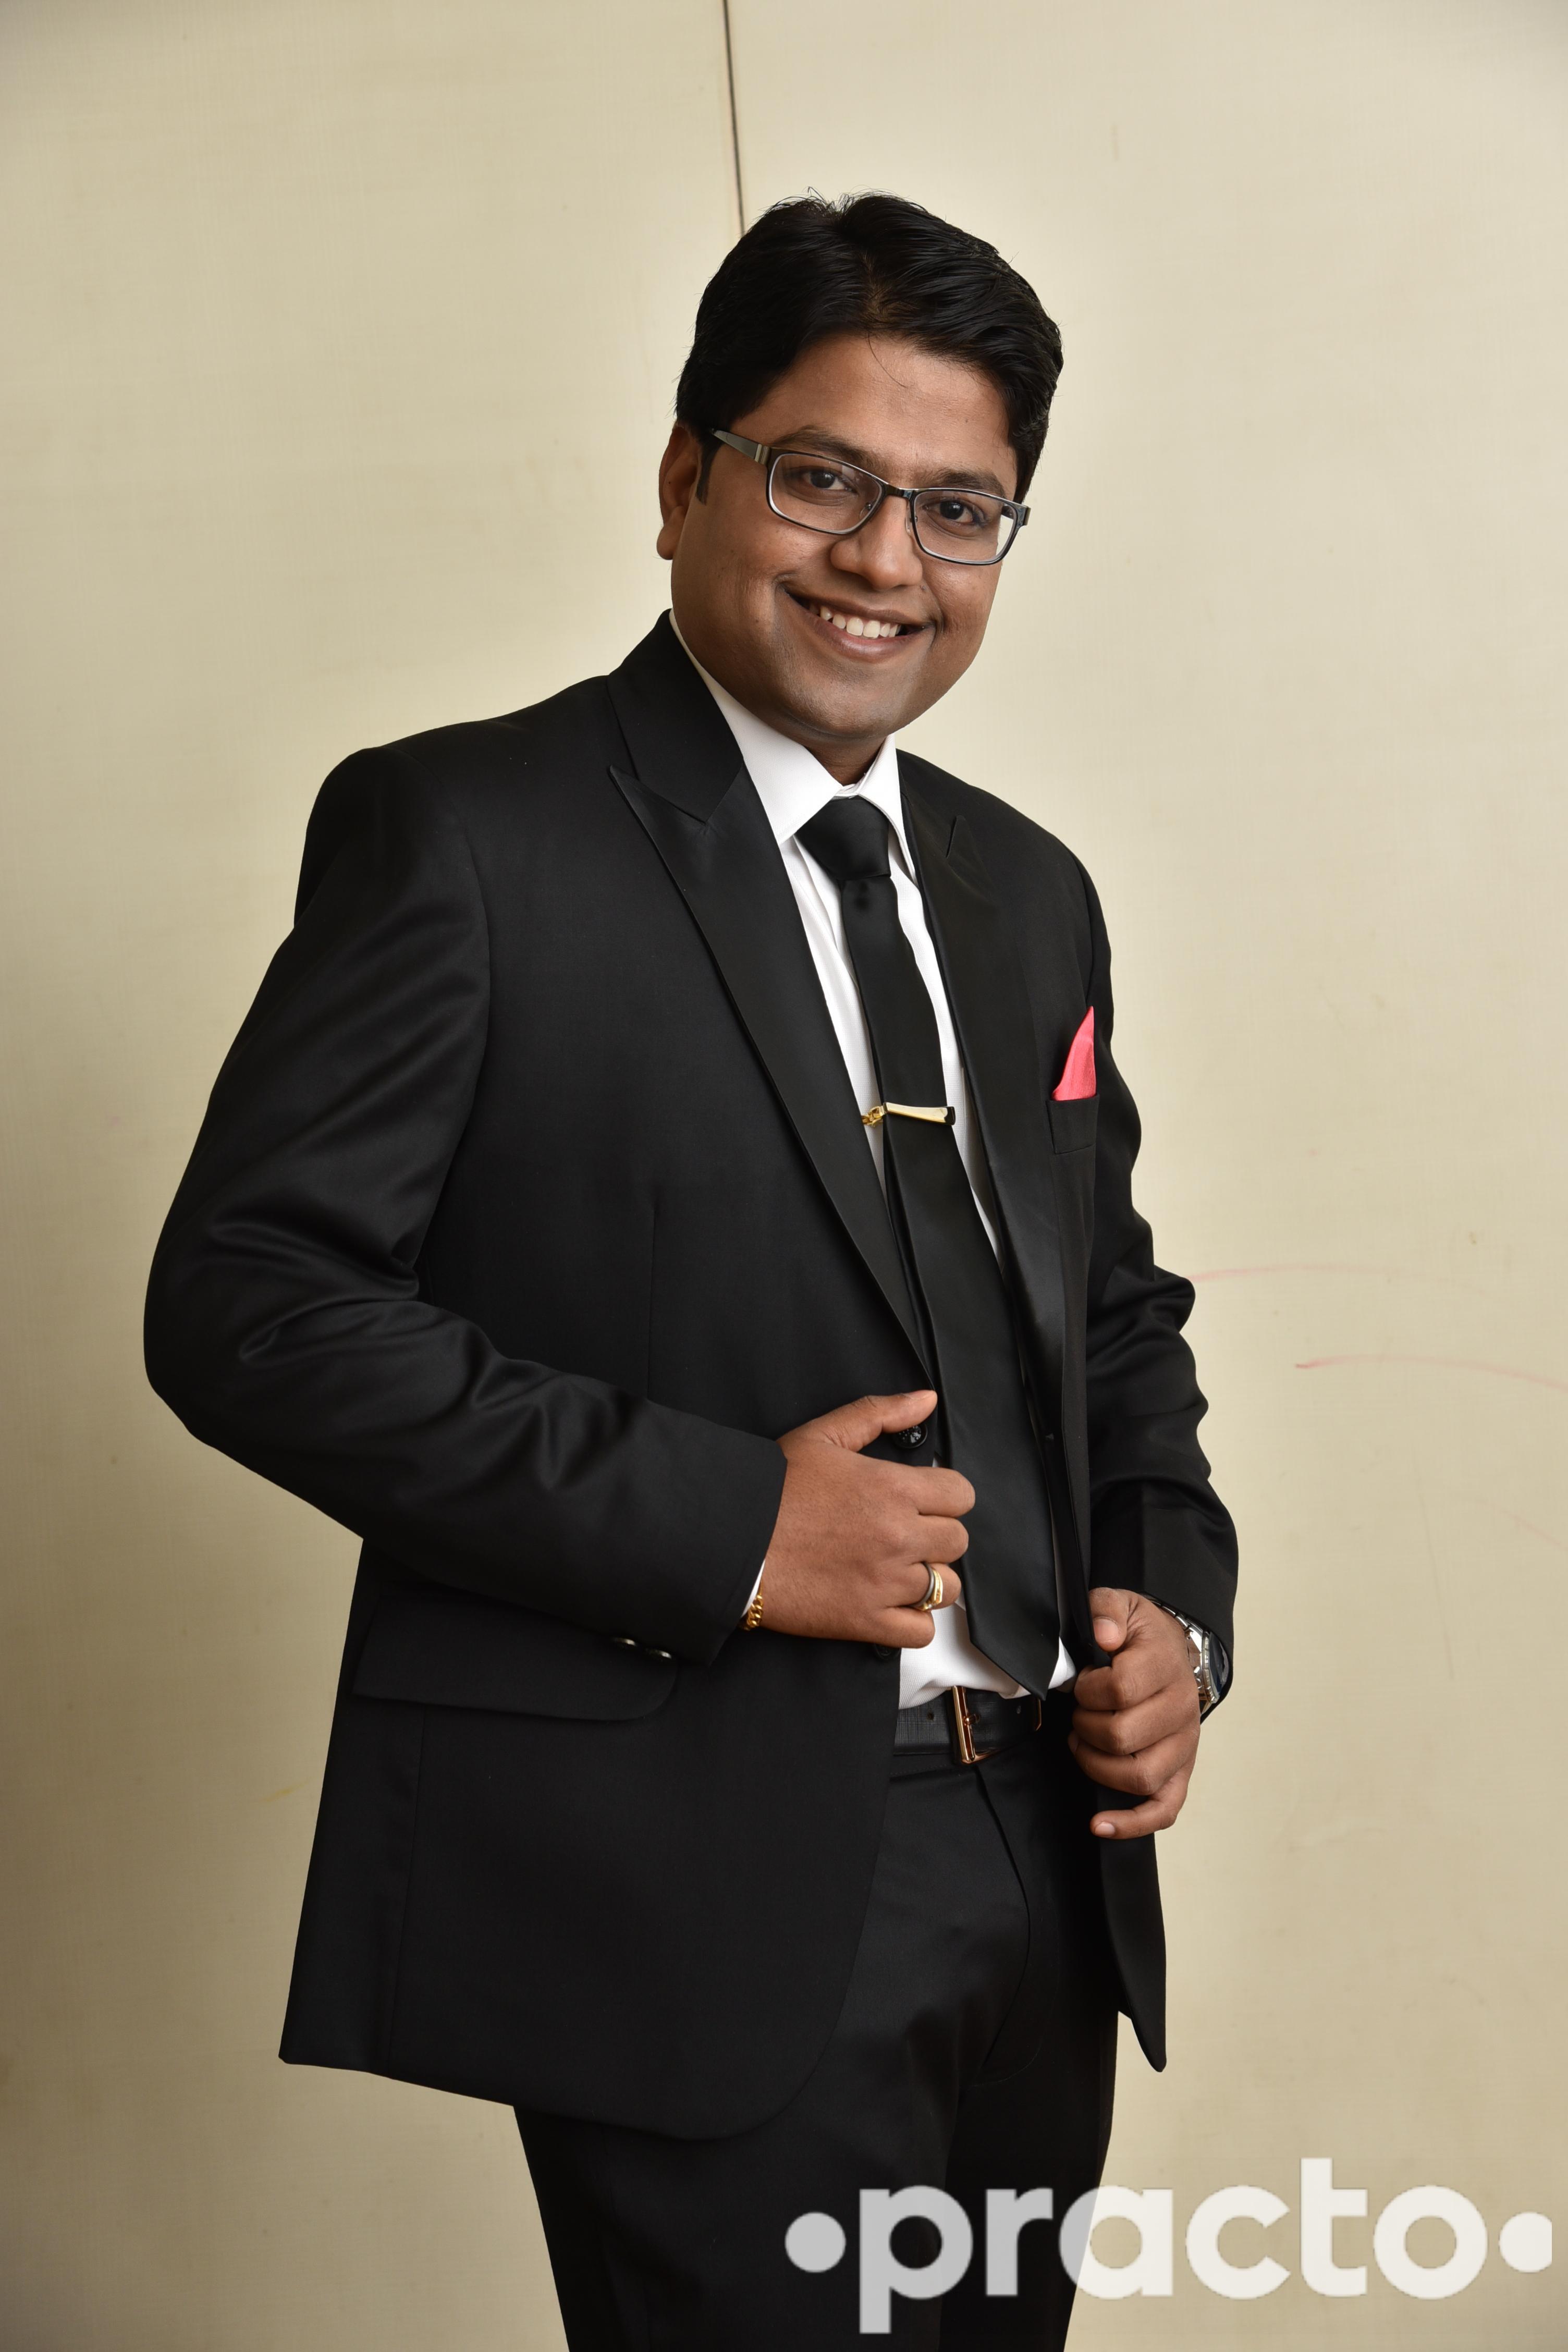 Dr. Darshan Sheth - Dentist